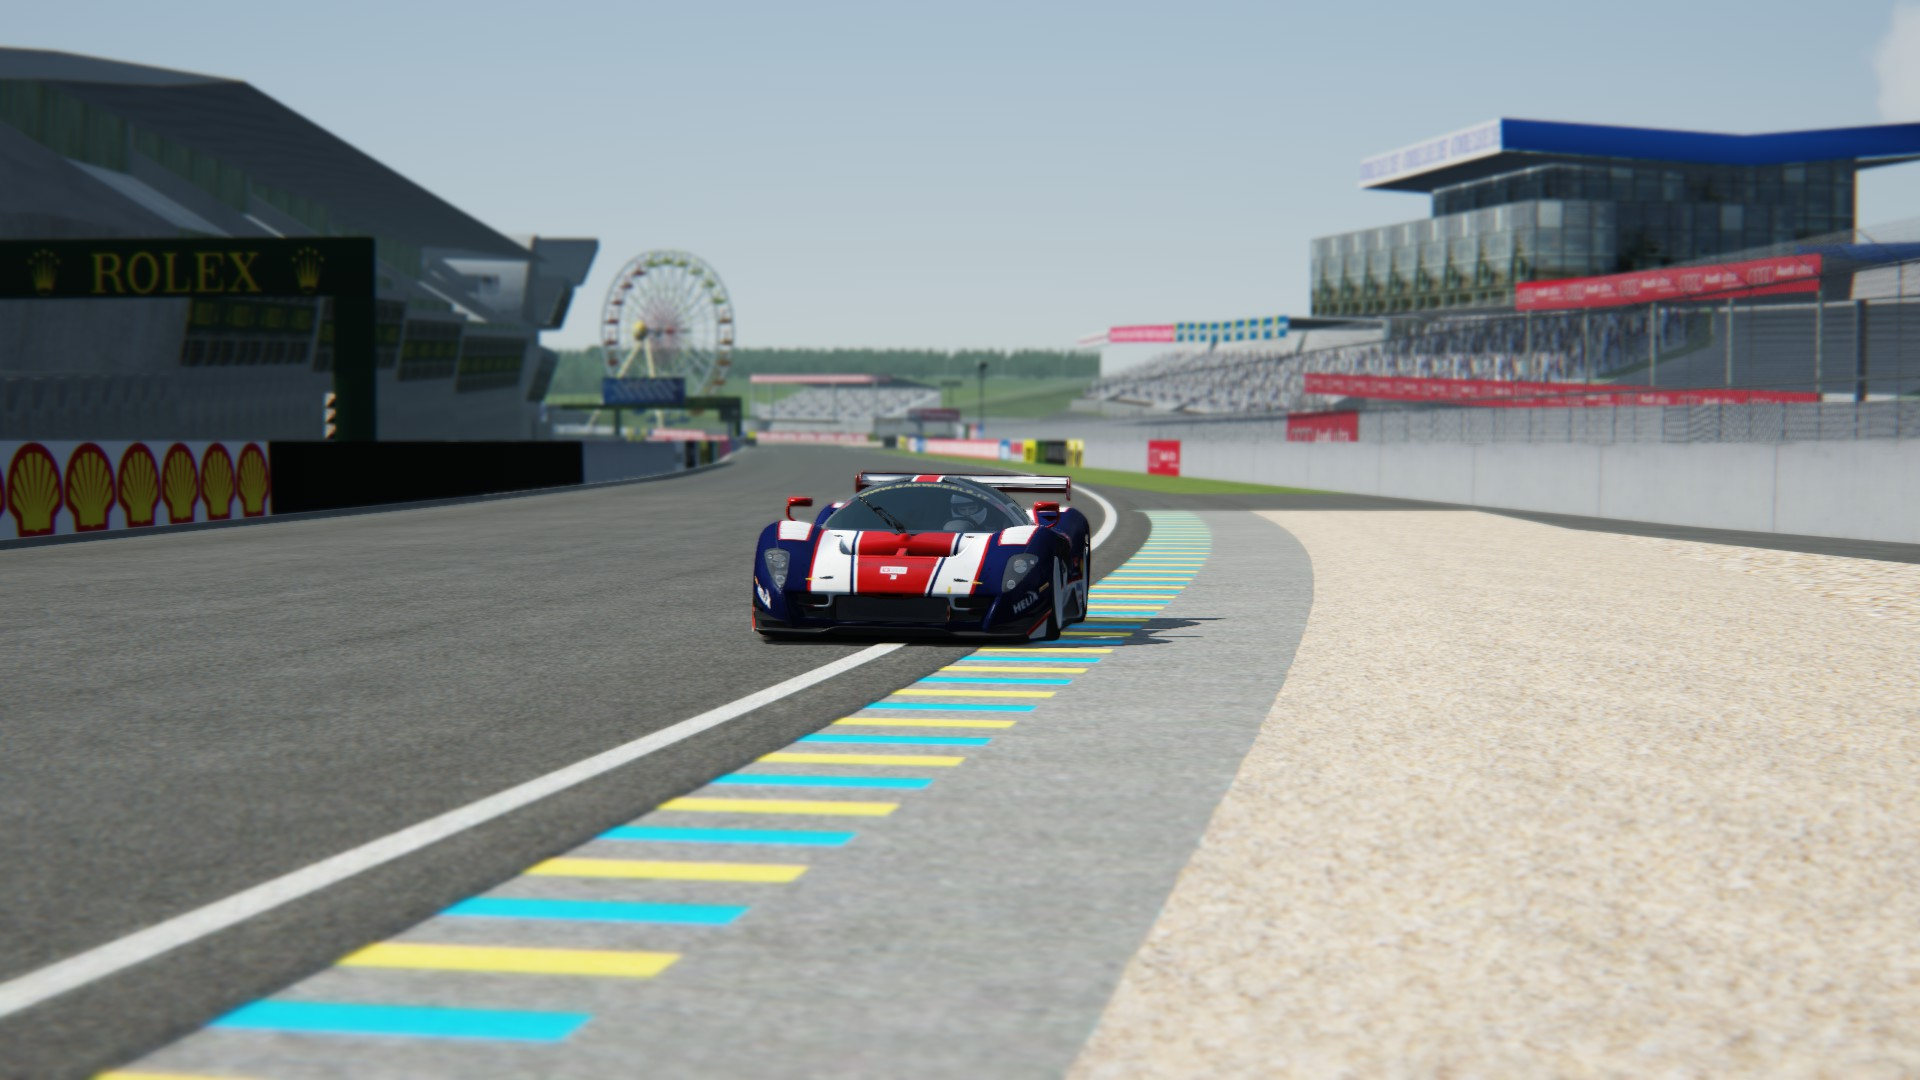 P4/5 Competizione @ Le Mans